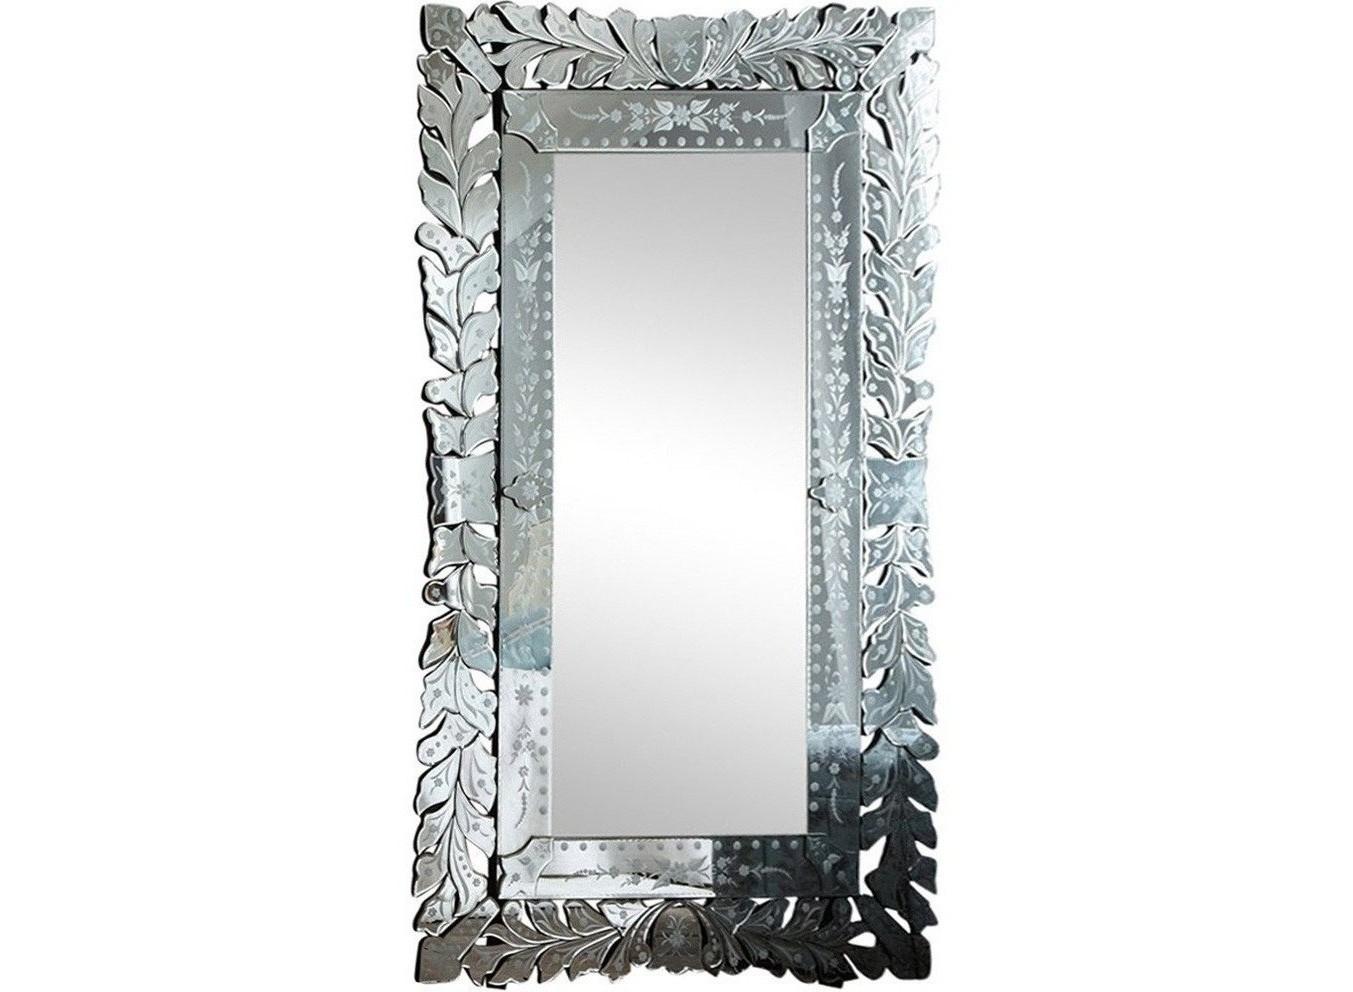 Зеркало Глэм ФлоНапольные зеркала<br><br><br>Material: Стекло<br>Width см: 110<br>Depth см: 3<br>Height см: 200